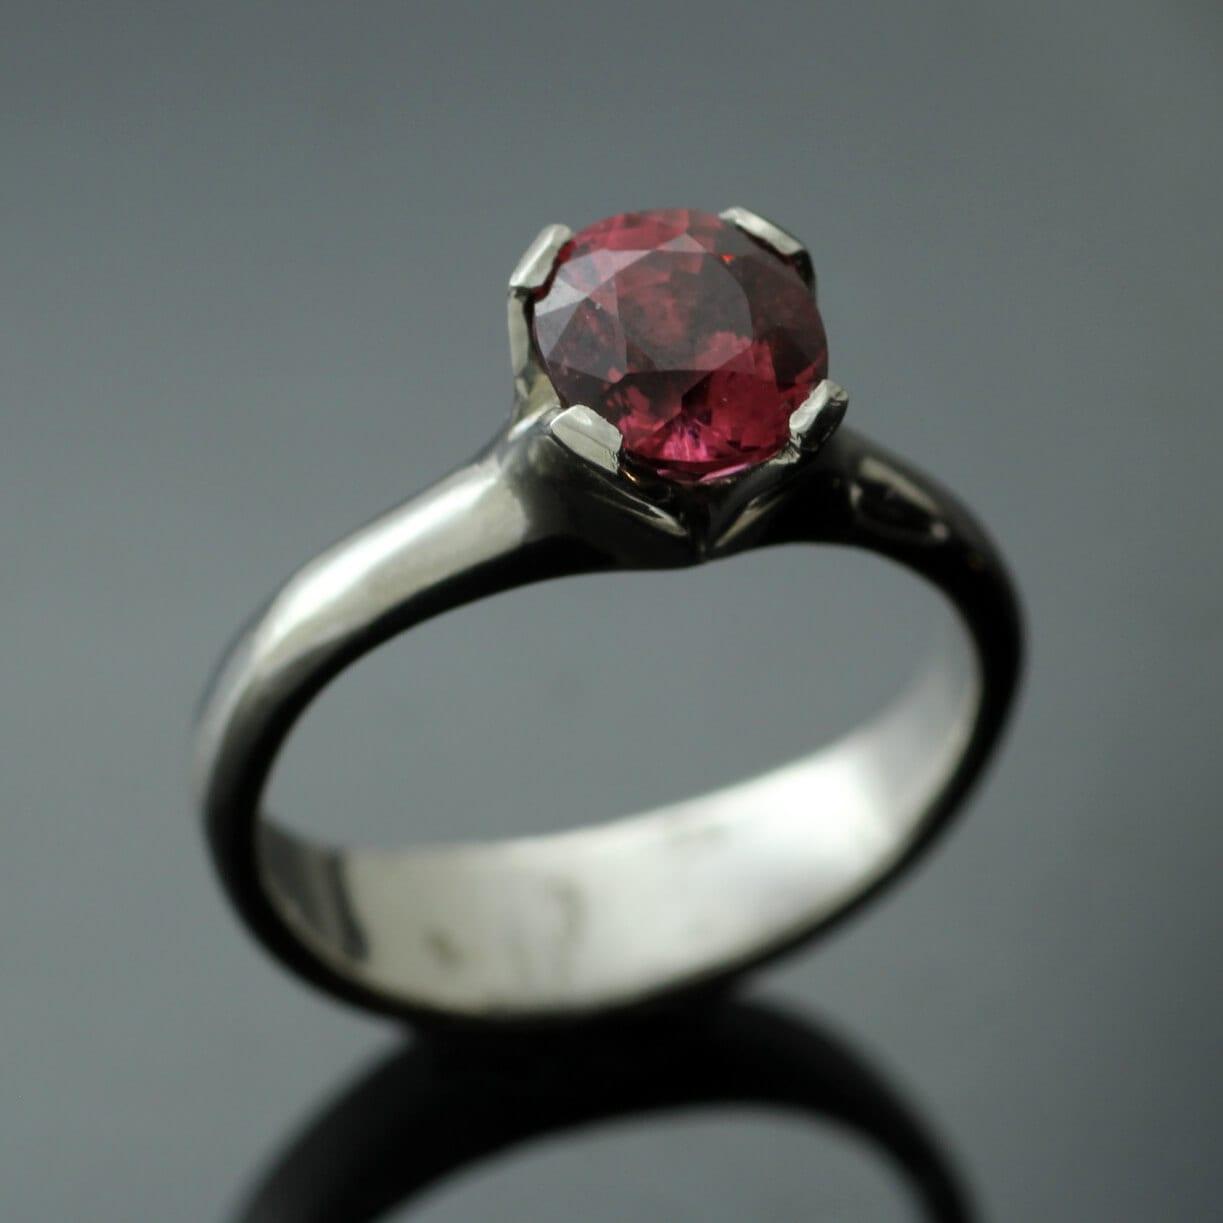 Peach Spinel gemstone set in modern Palladium Flower engagement ring